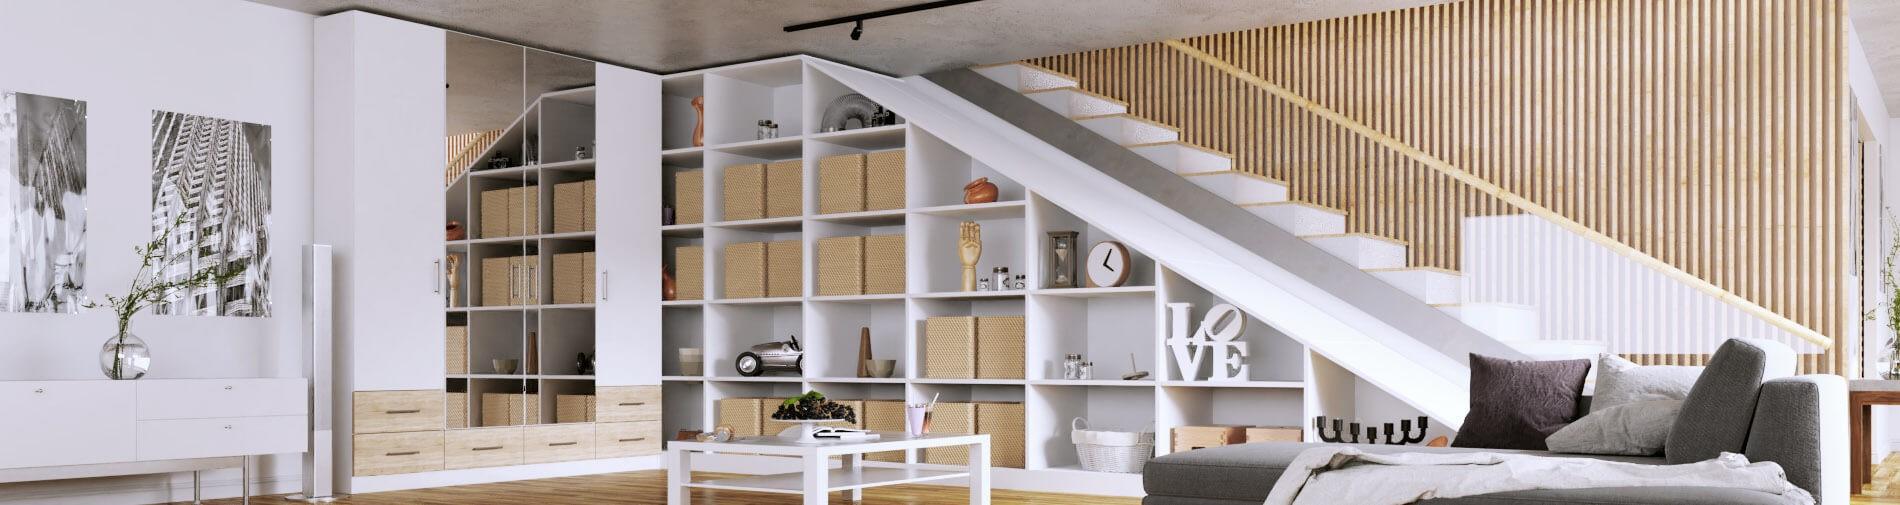 schrank selber gestalten nach ma bestellen. Black Bedroom Furniture Sets. Home Design Ideas